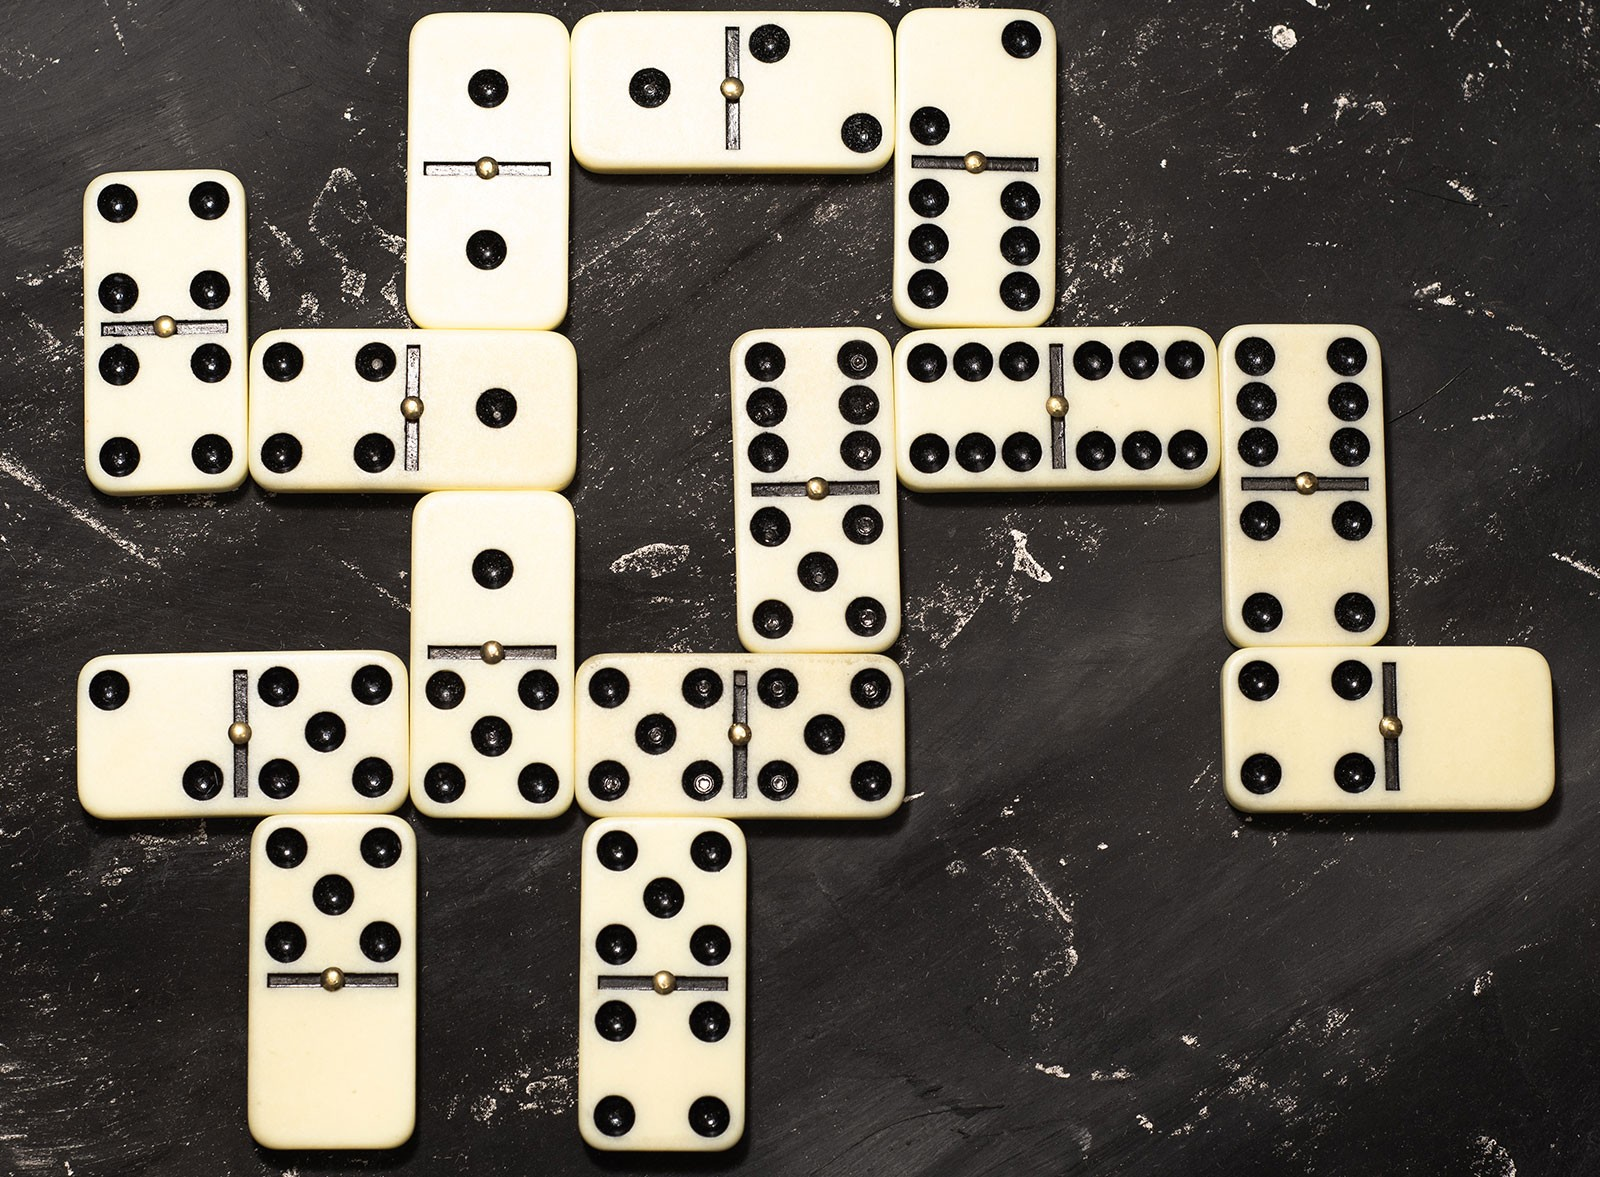 العاب عائلية جماعية في المنزل - لعبة الدومينو